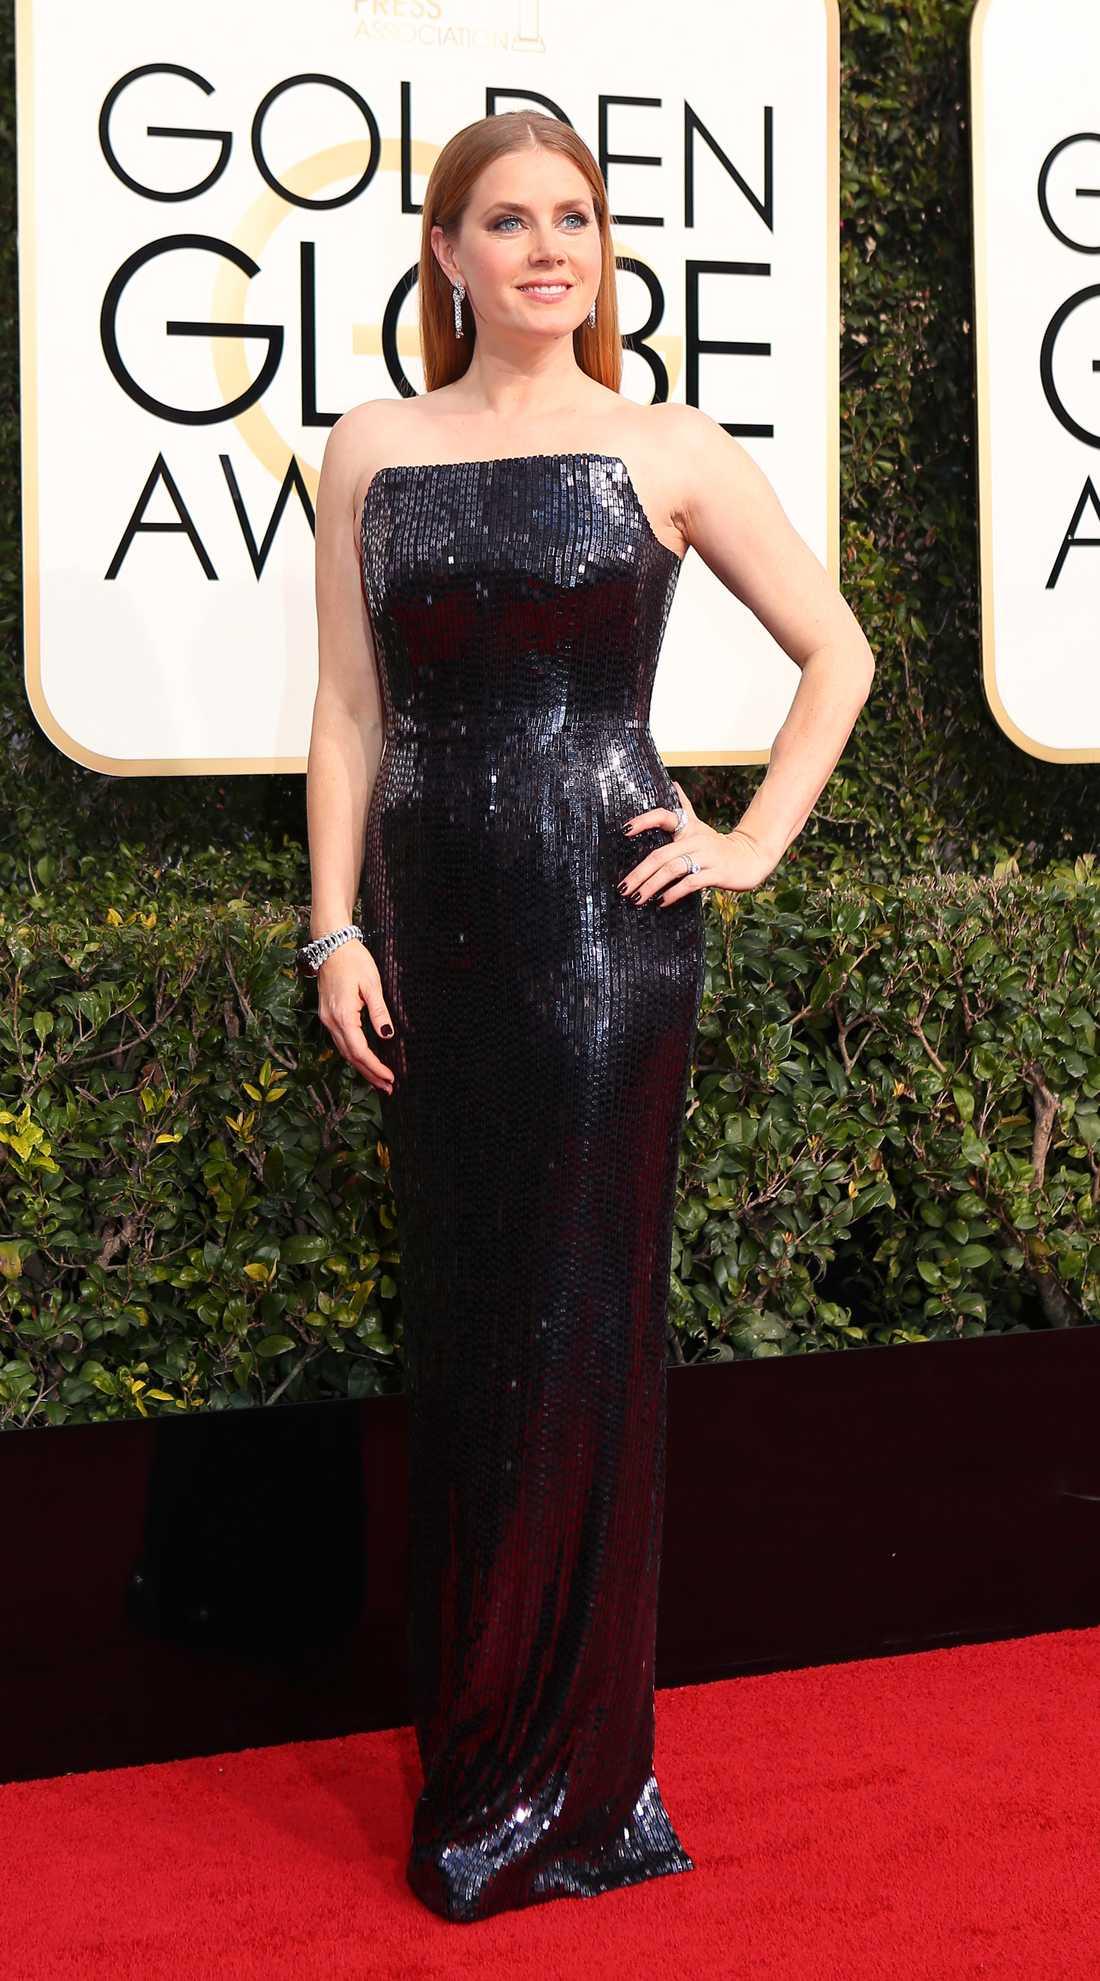 Amy Adams Jag är inte direkt megaförtjust i snittet i den här klänningen även om paljetterna gör att Adams nästan ser ut som en statyett själv. Tom Ford har designat och som alltid blir det elegant, men som sagt toppdelen ser något avhuggen ut.  2 plus